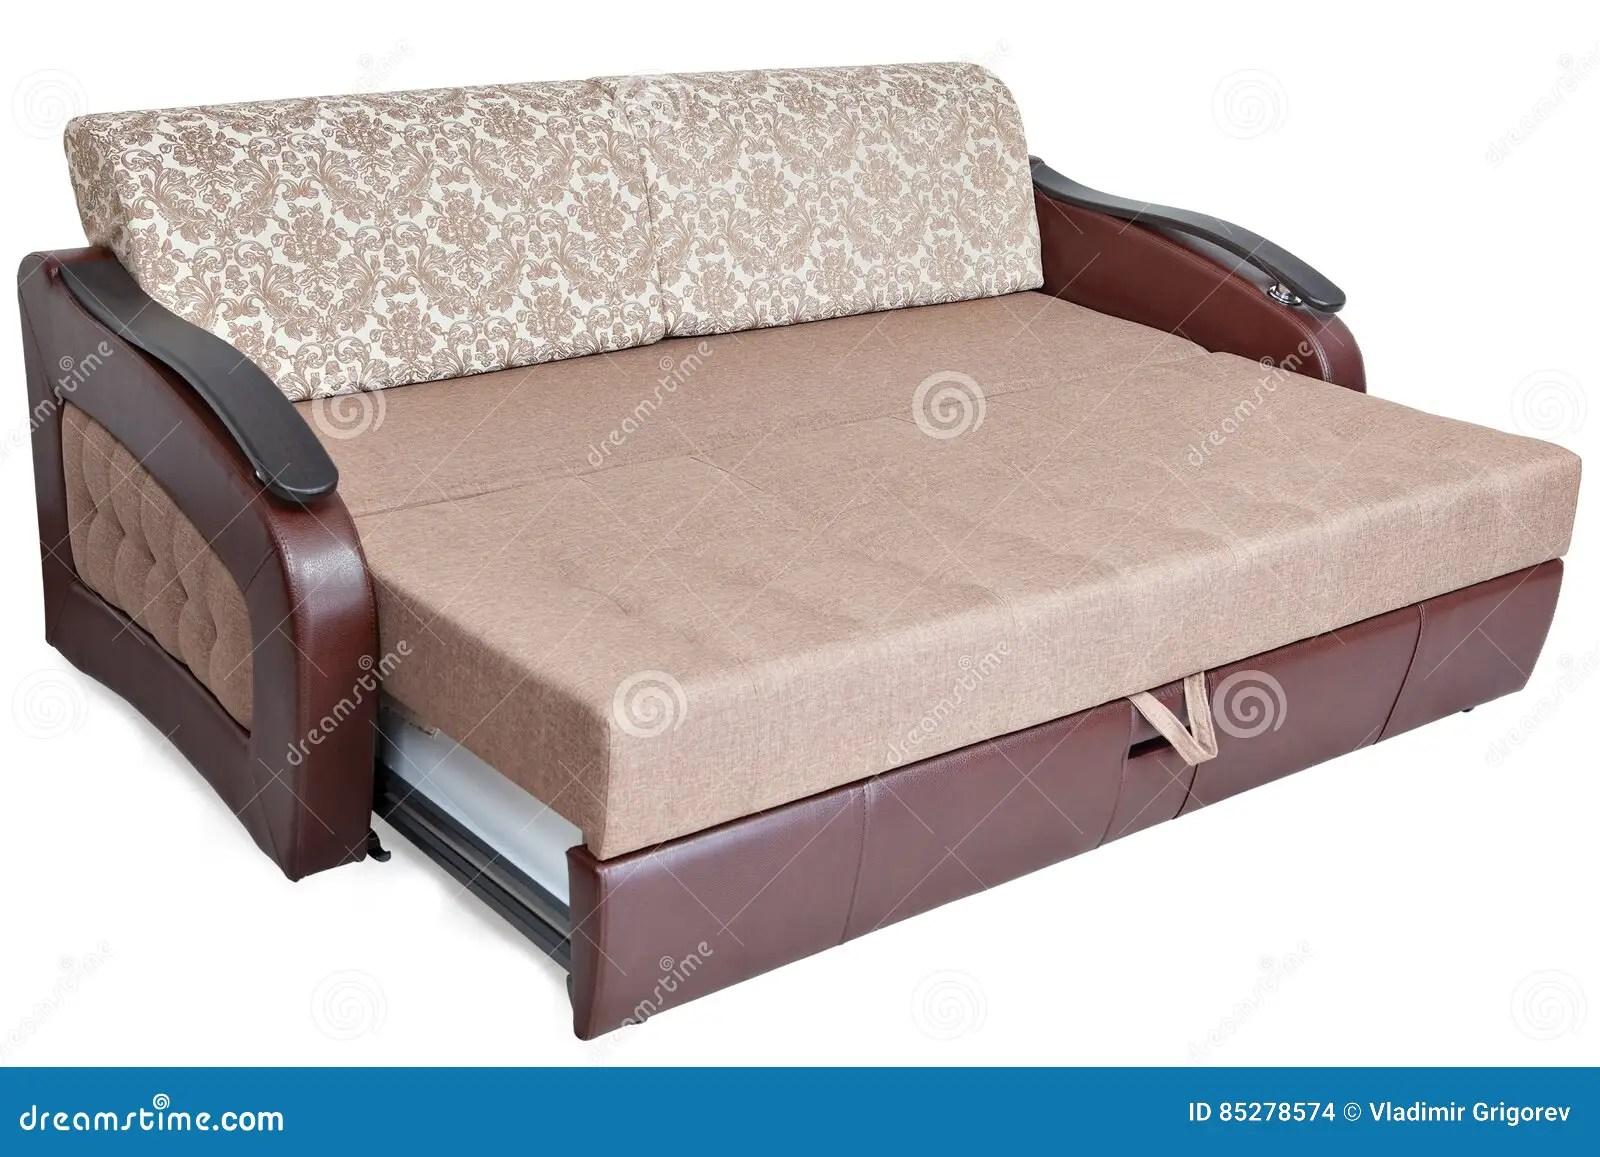 la reine taille retirent le tissu brun clair de canape lit et l espace memoire d isolement sur le fond blanc enregistre la selection de chemin